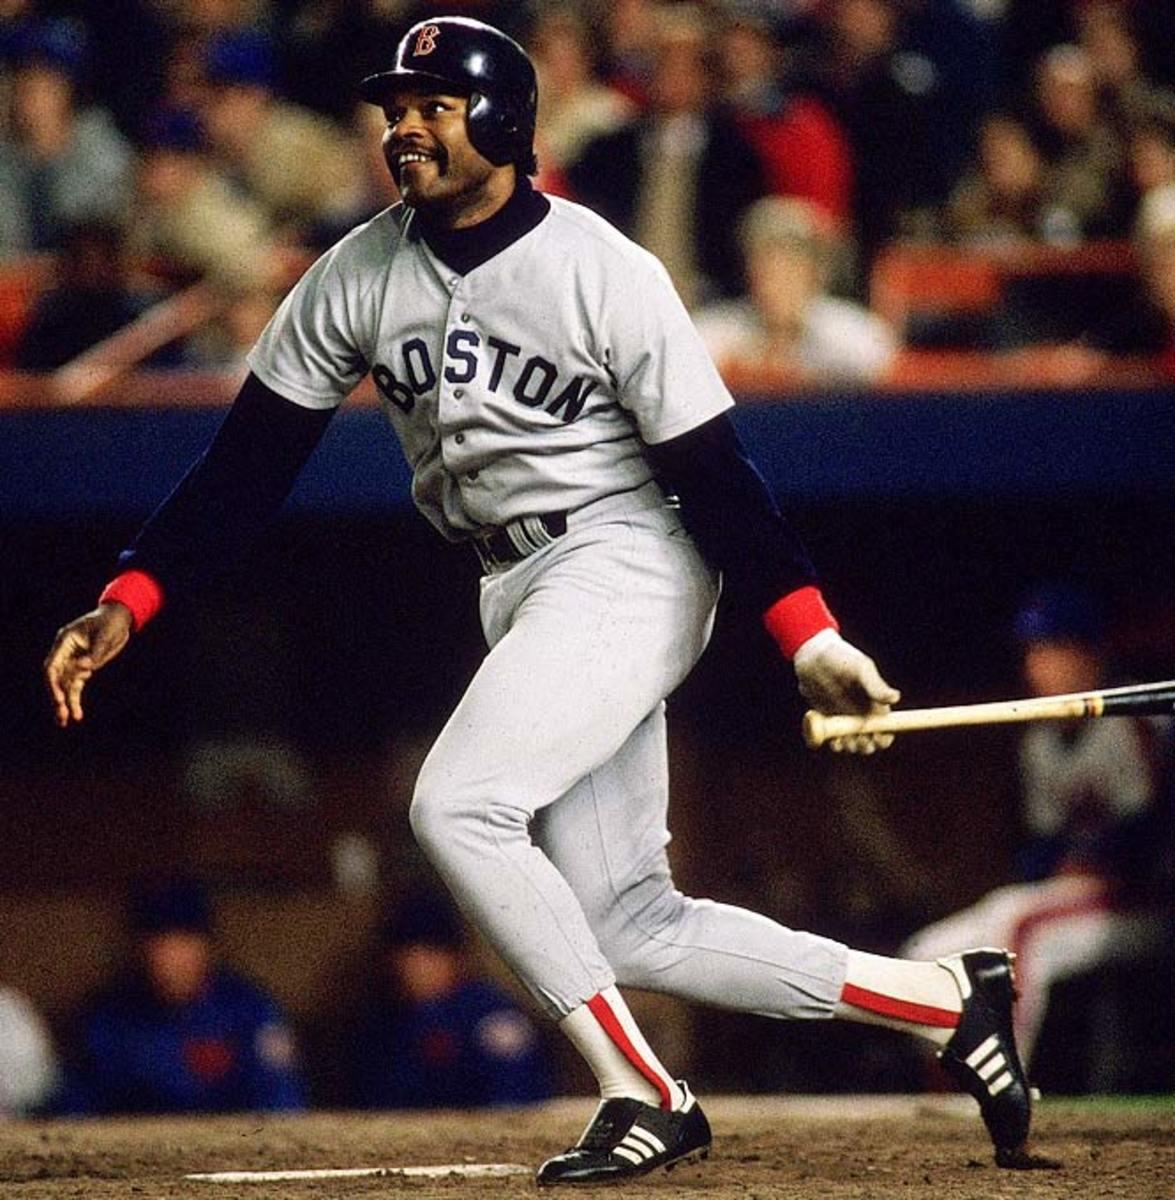 1986 ALCS, Red Sox defeat Angels